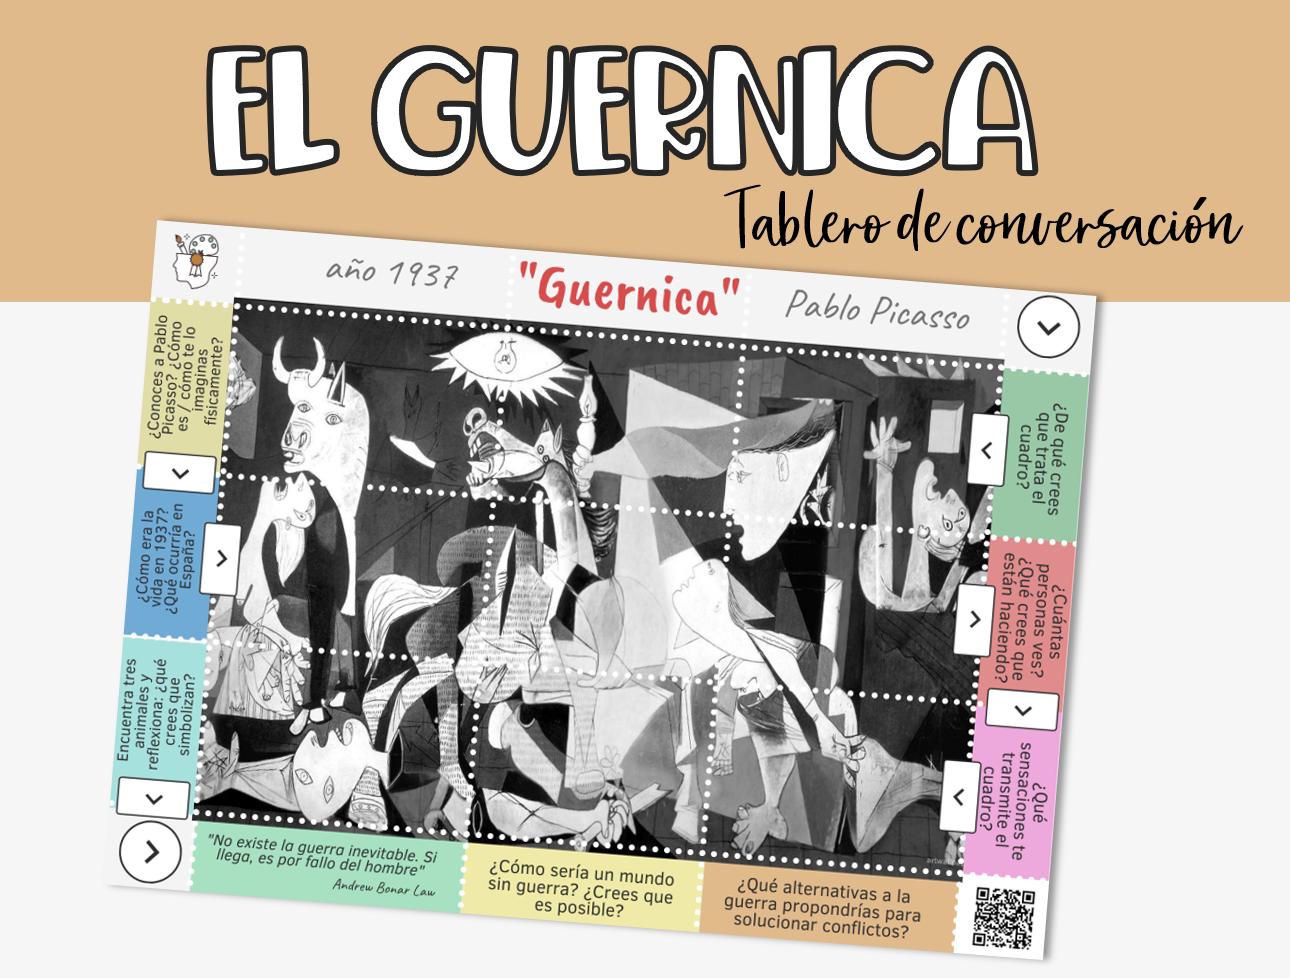 ``Guernica``: tablero de conversación sobre el cuadro de Pablo Picasso